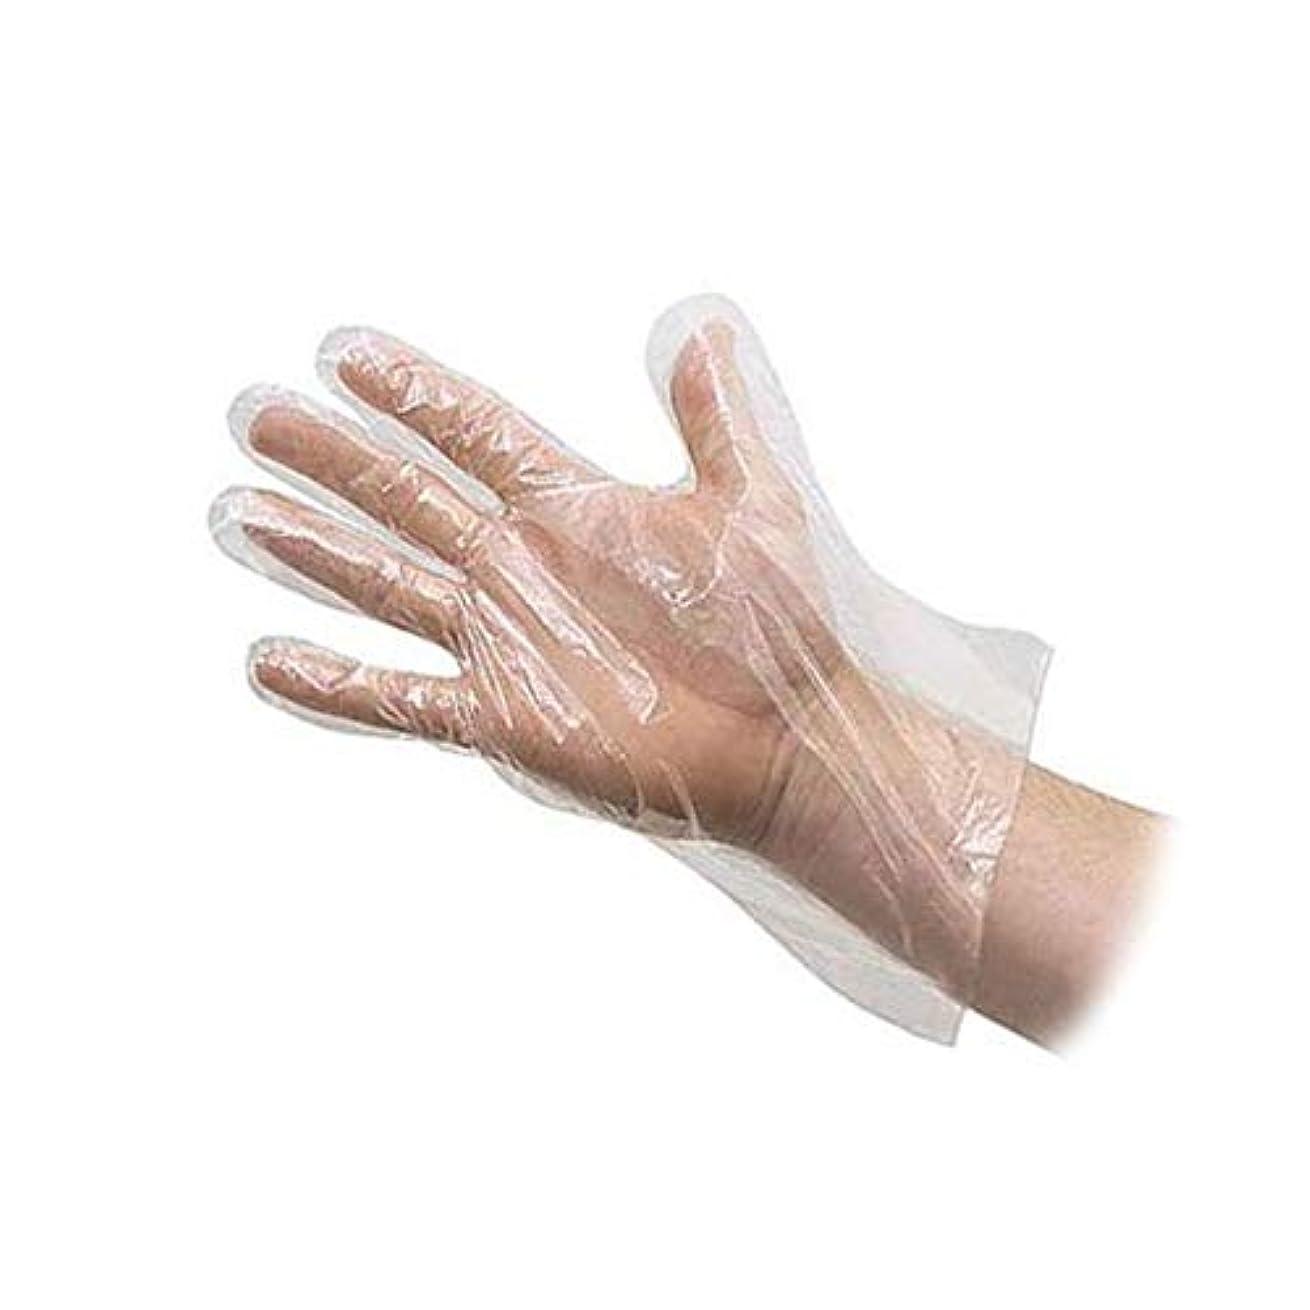 ギャラントリー力不名誉な(デマ―クト)De?markt ポリエチレン 手袋 使い捨て手袋 カタエンボス 調理用 食品 プラスチック ホワイト 粉なし 食品衛生 透明 左右兼用 薄型 ビニール極薄手袋 100枚入